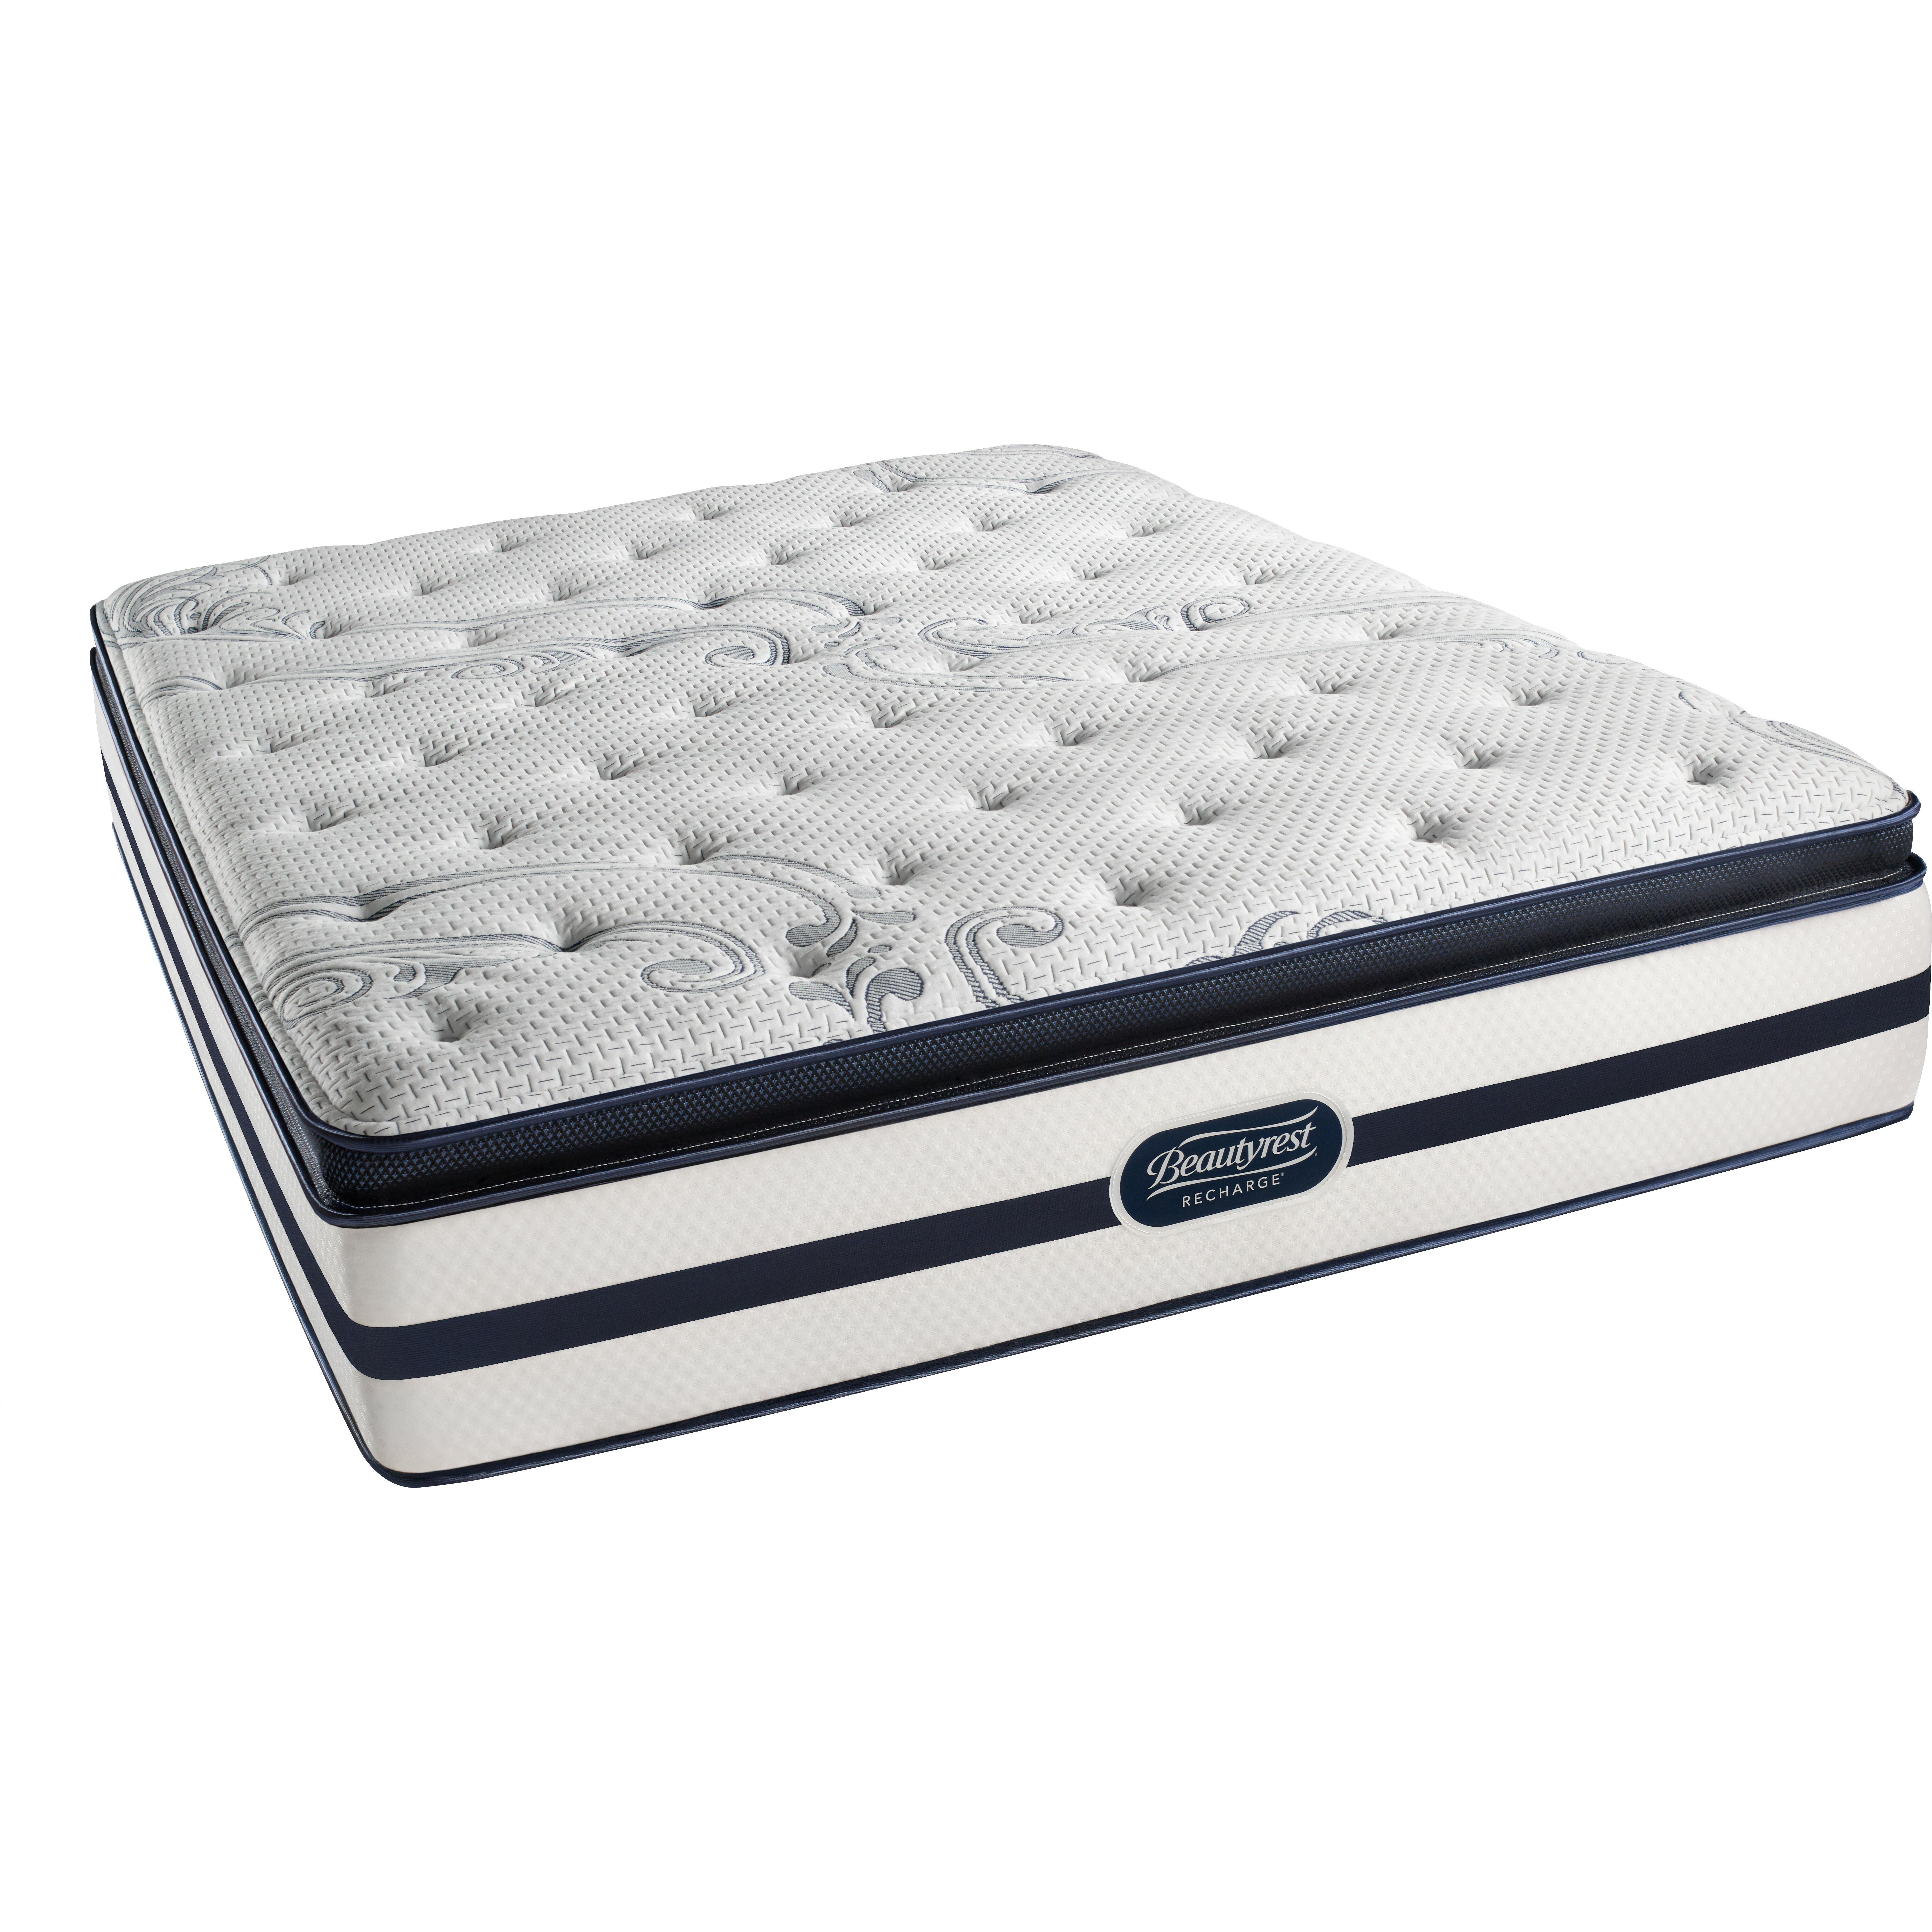 simmons beautyrest hotel mattress reviews